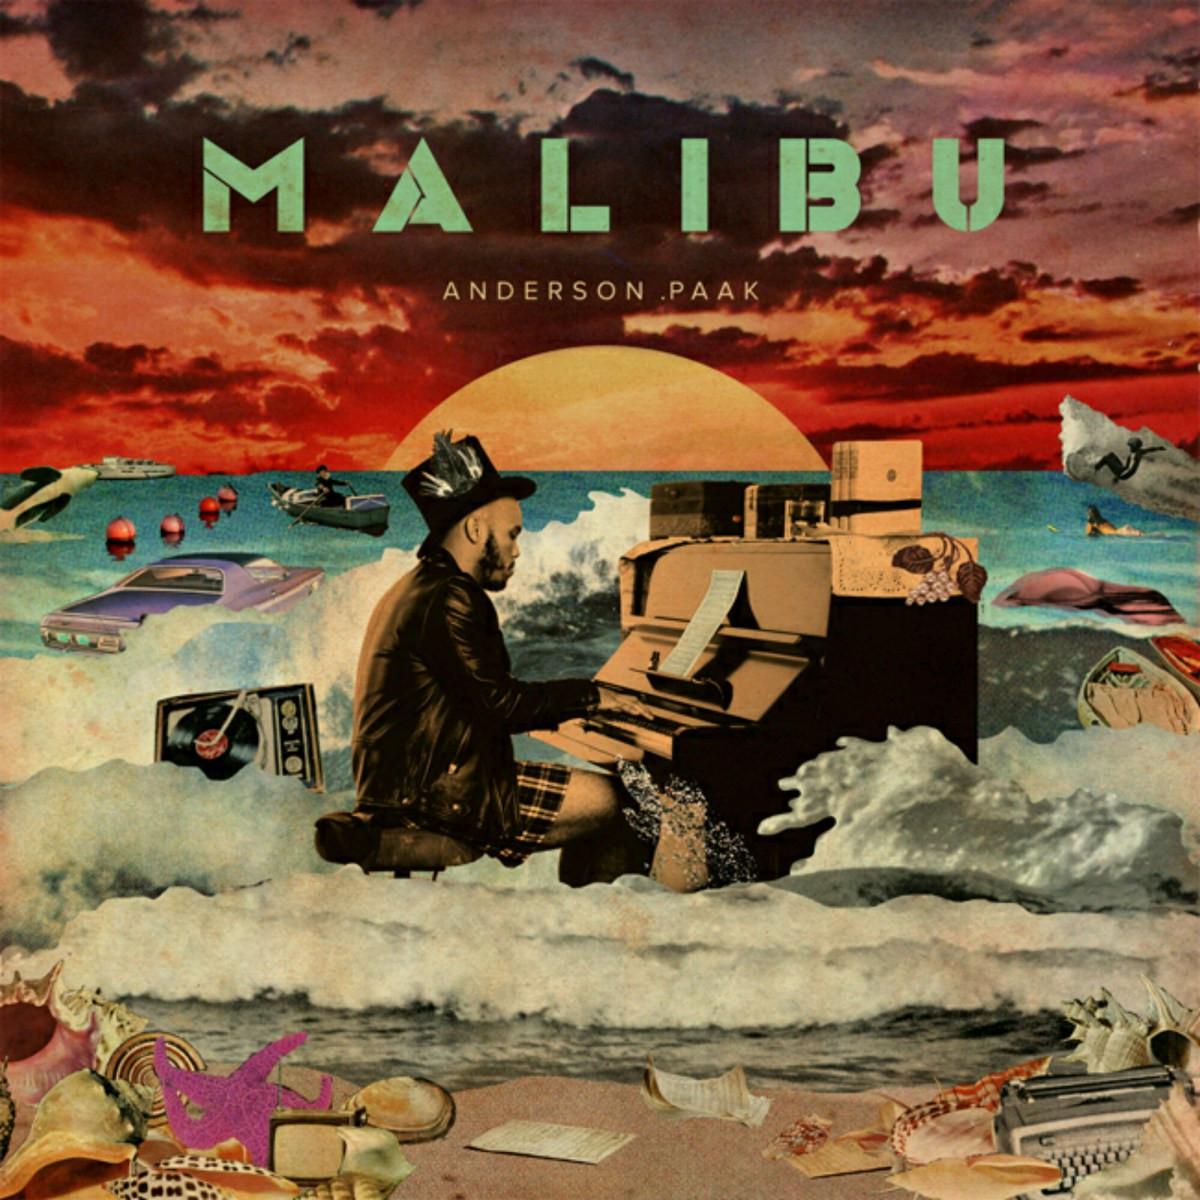 Malibu - Anderson Paak